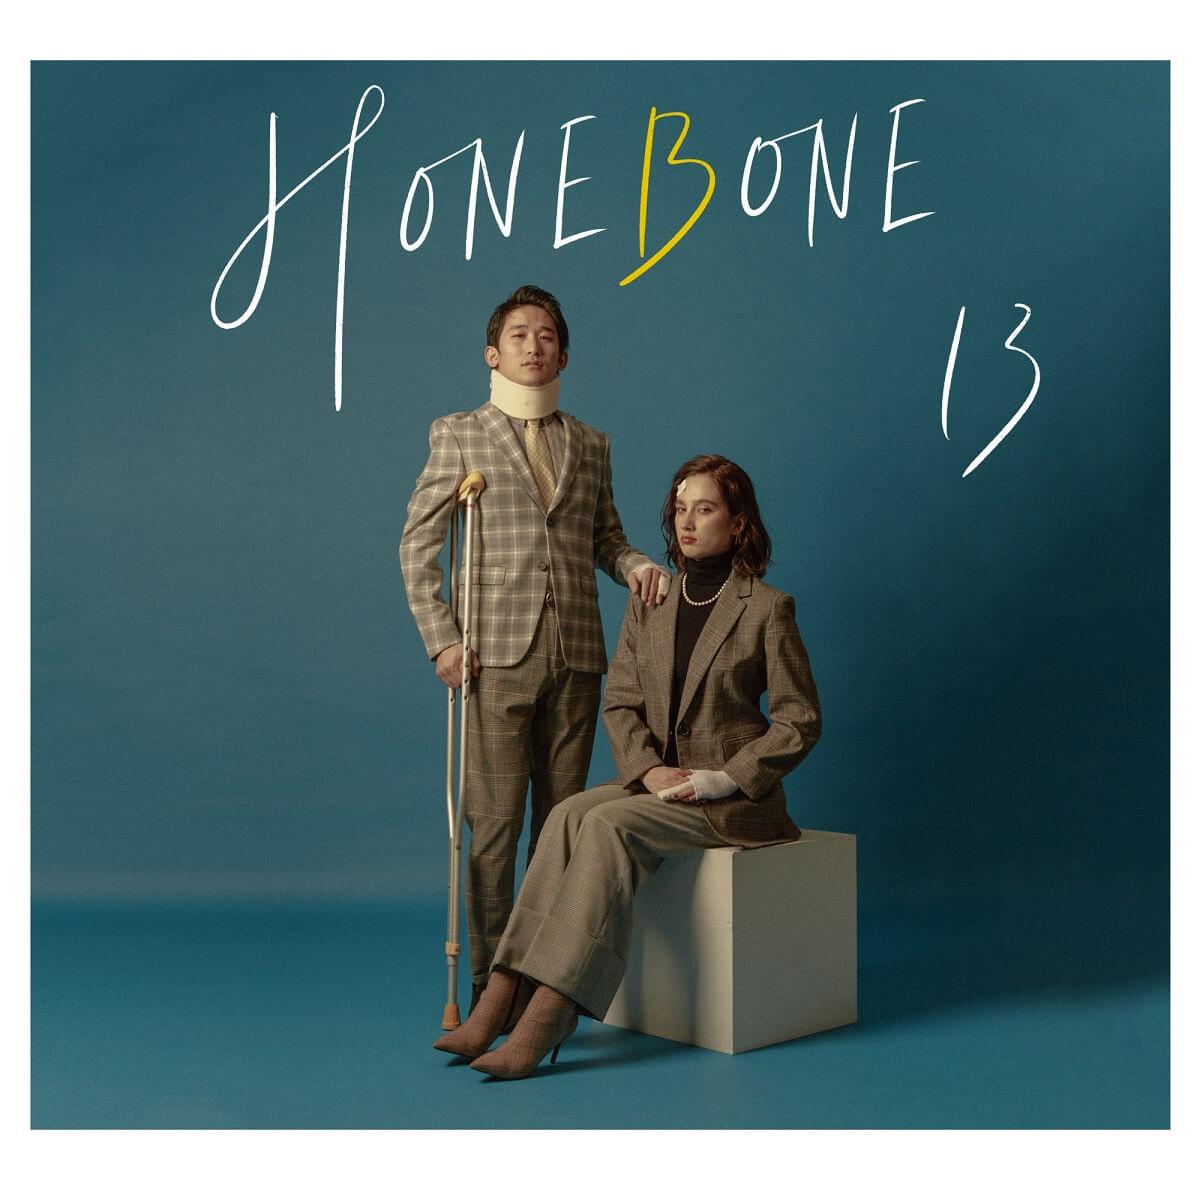 HONEBONE、アルバム『13』から新MV「やっちゃった」が公開サムネイル画像